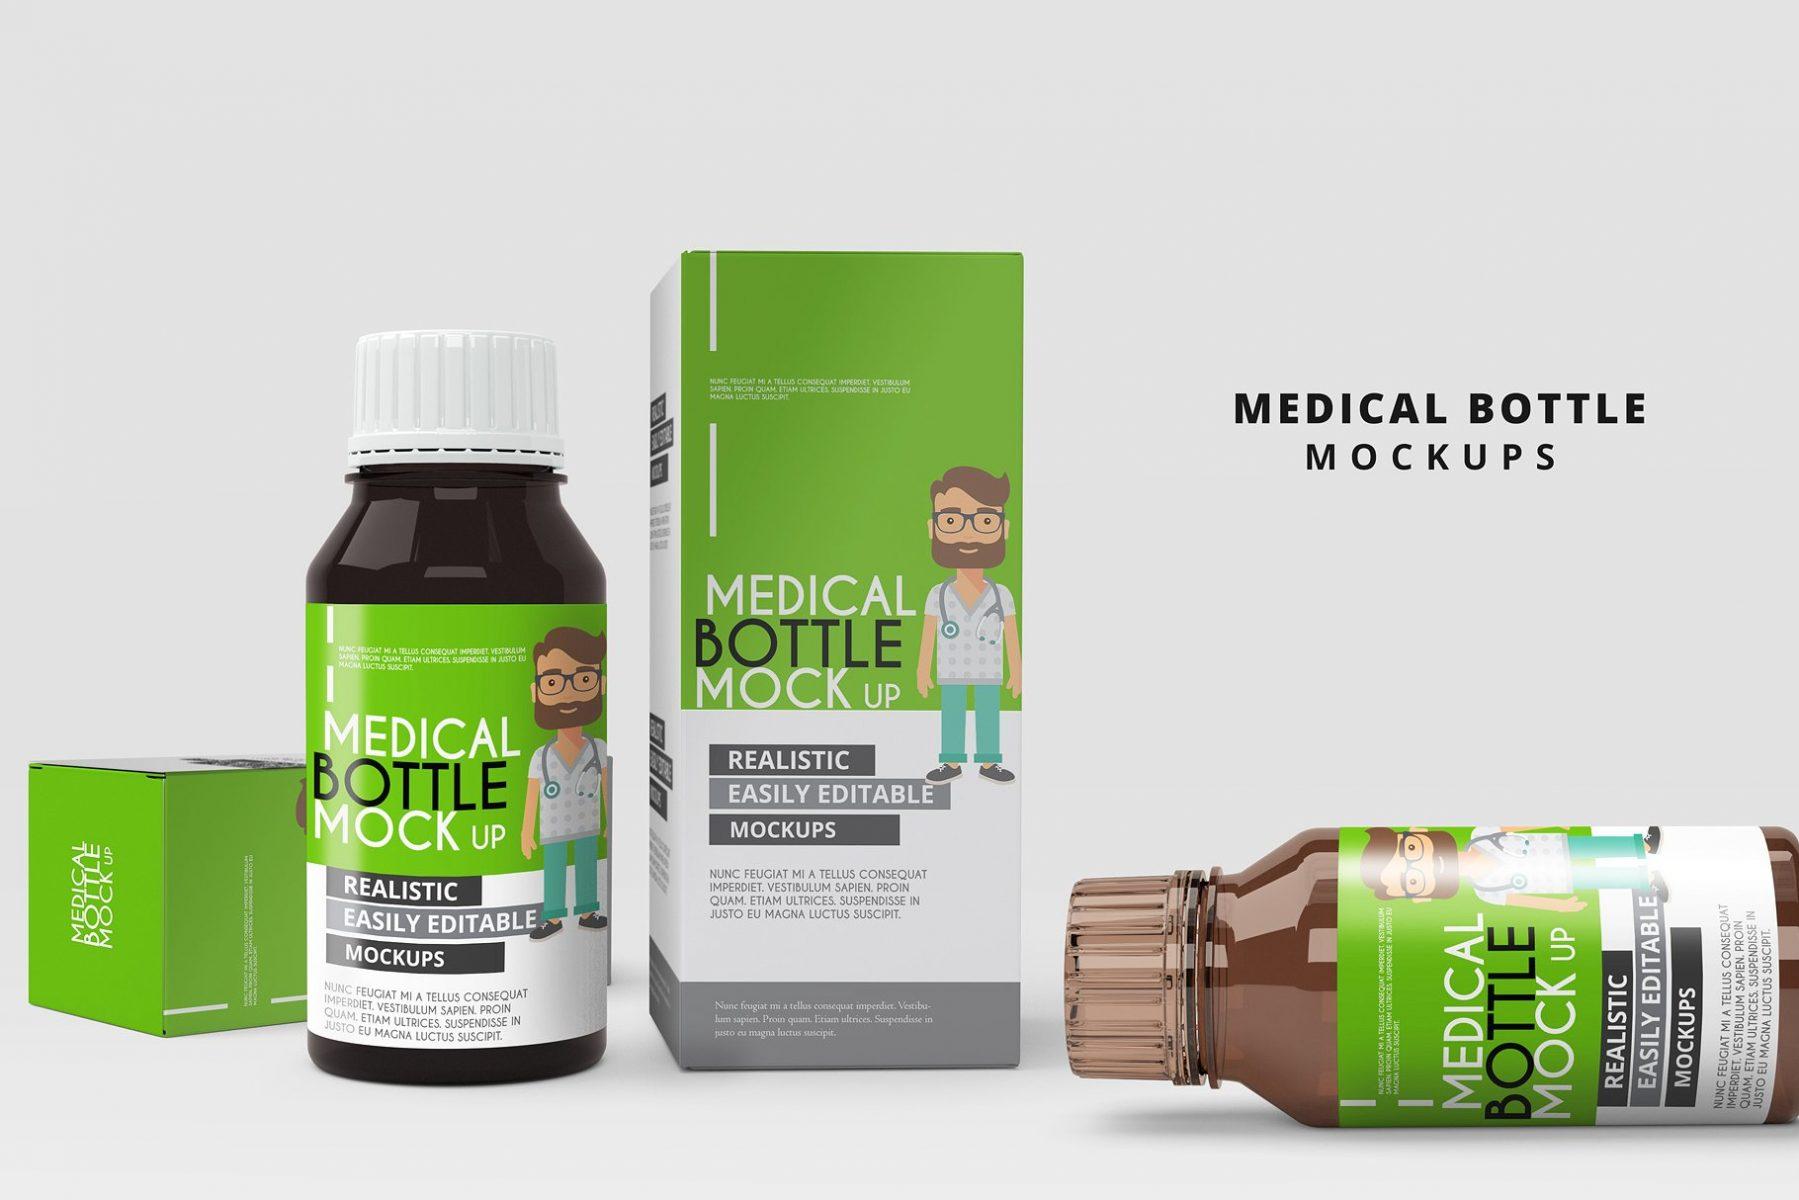 Medical Bottles Mockup PSD